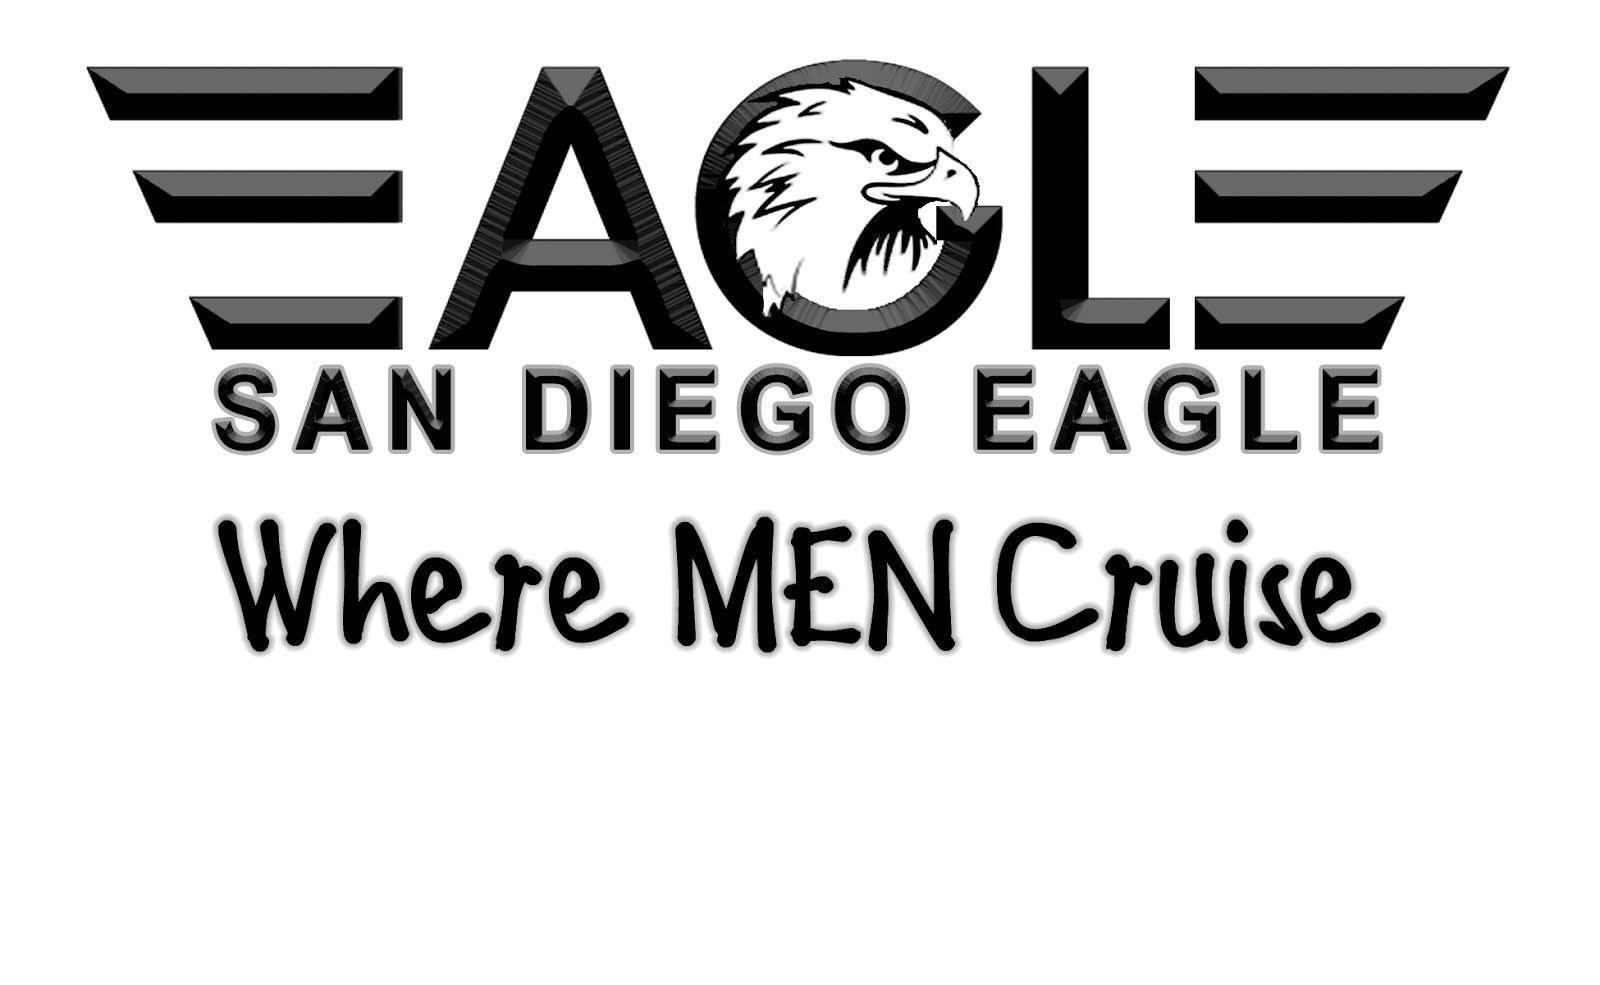 San Diego Eagle